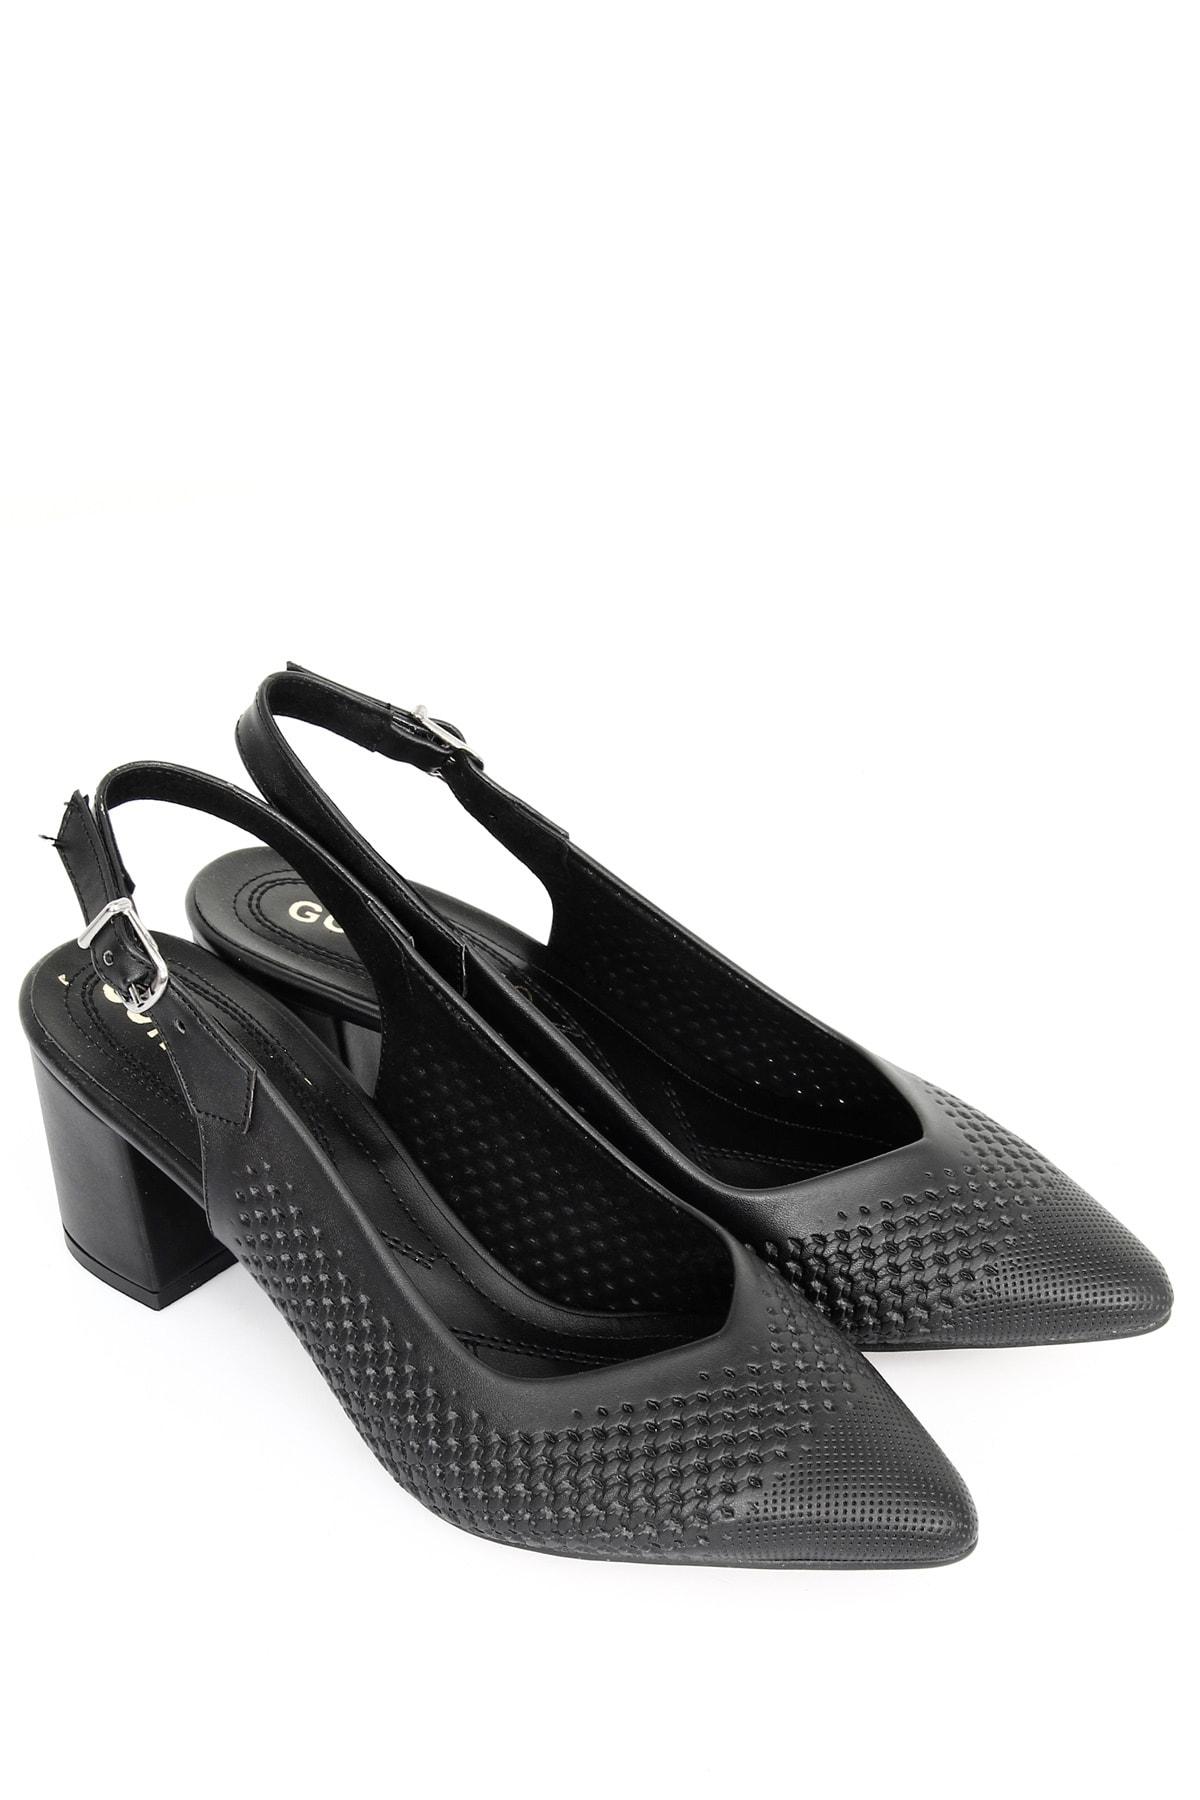 Siyah Kadın Klasik Topuklu Ayakkabı 39120